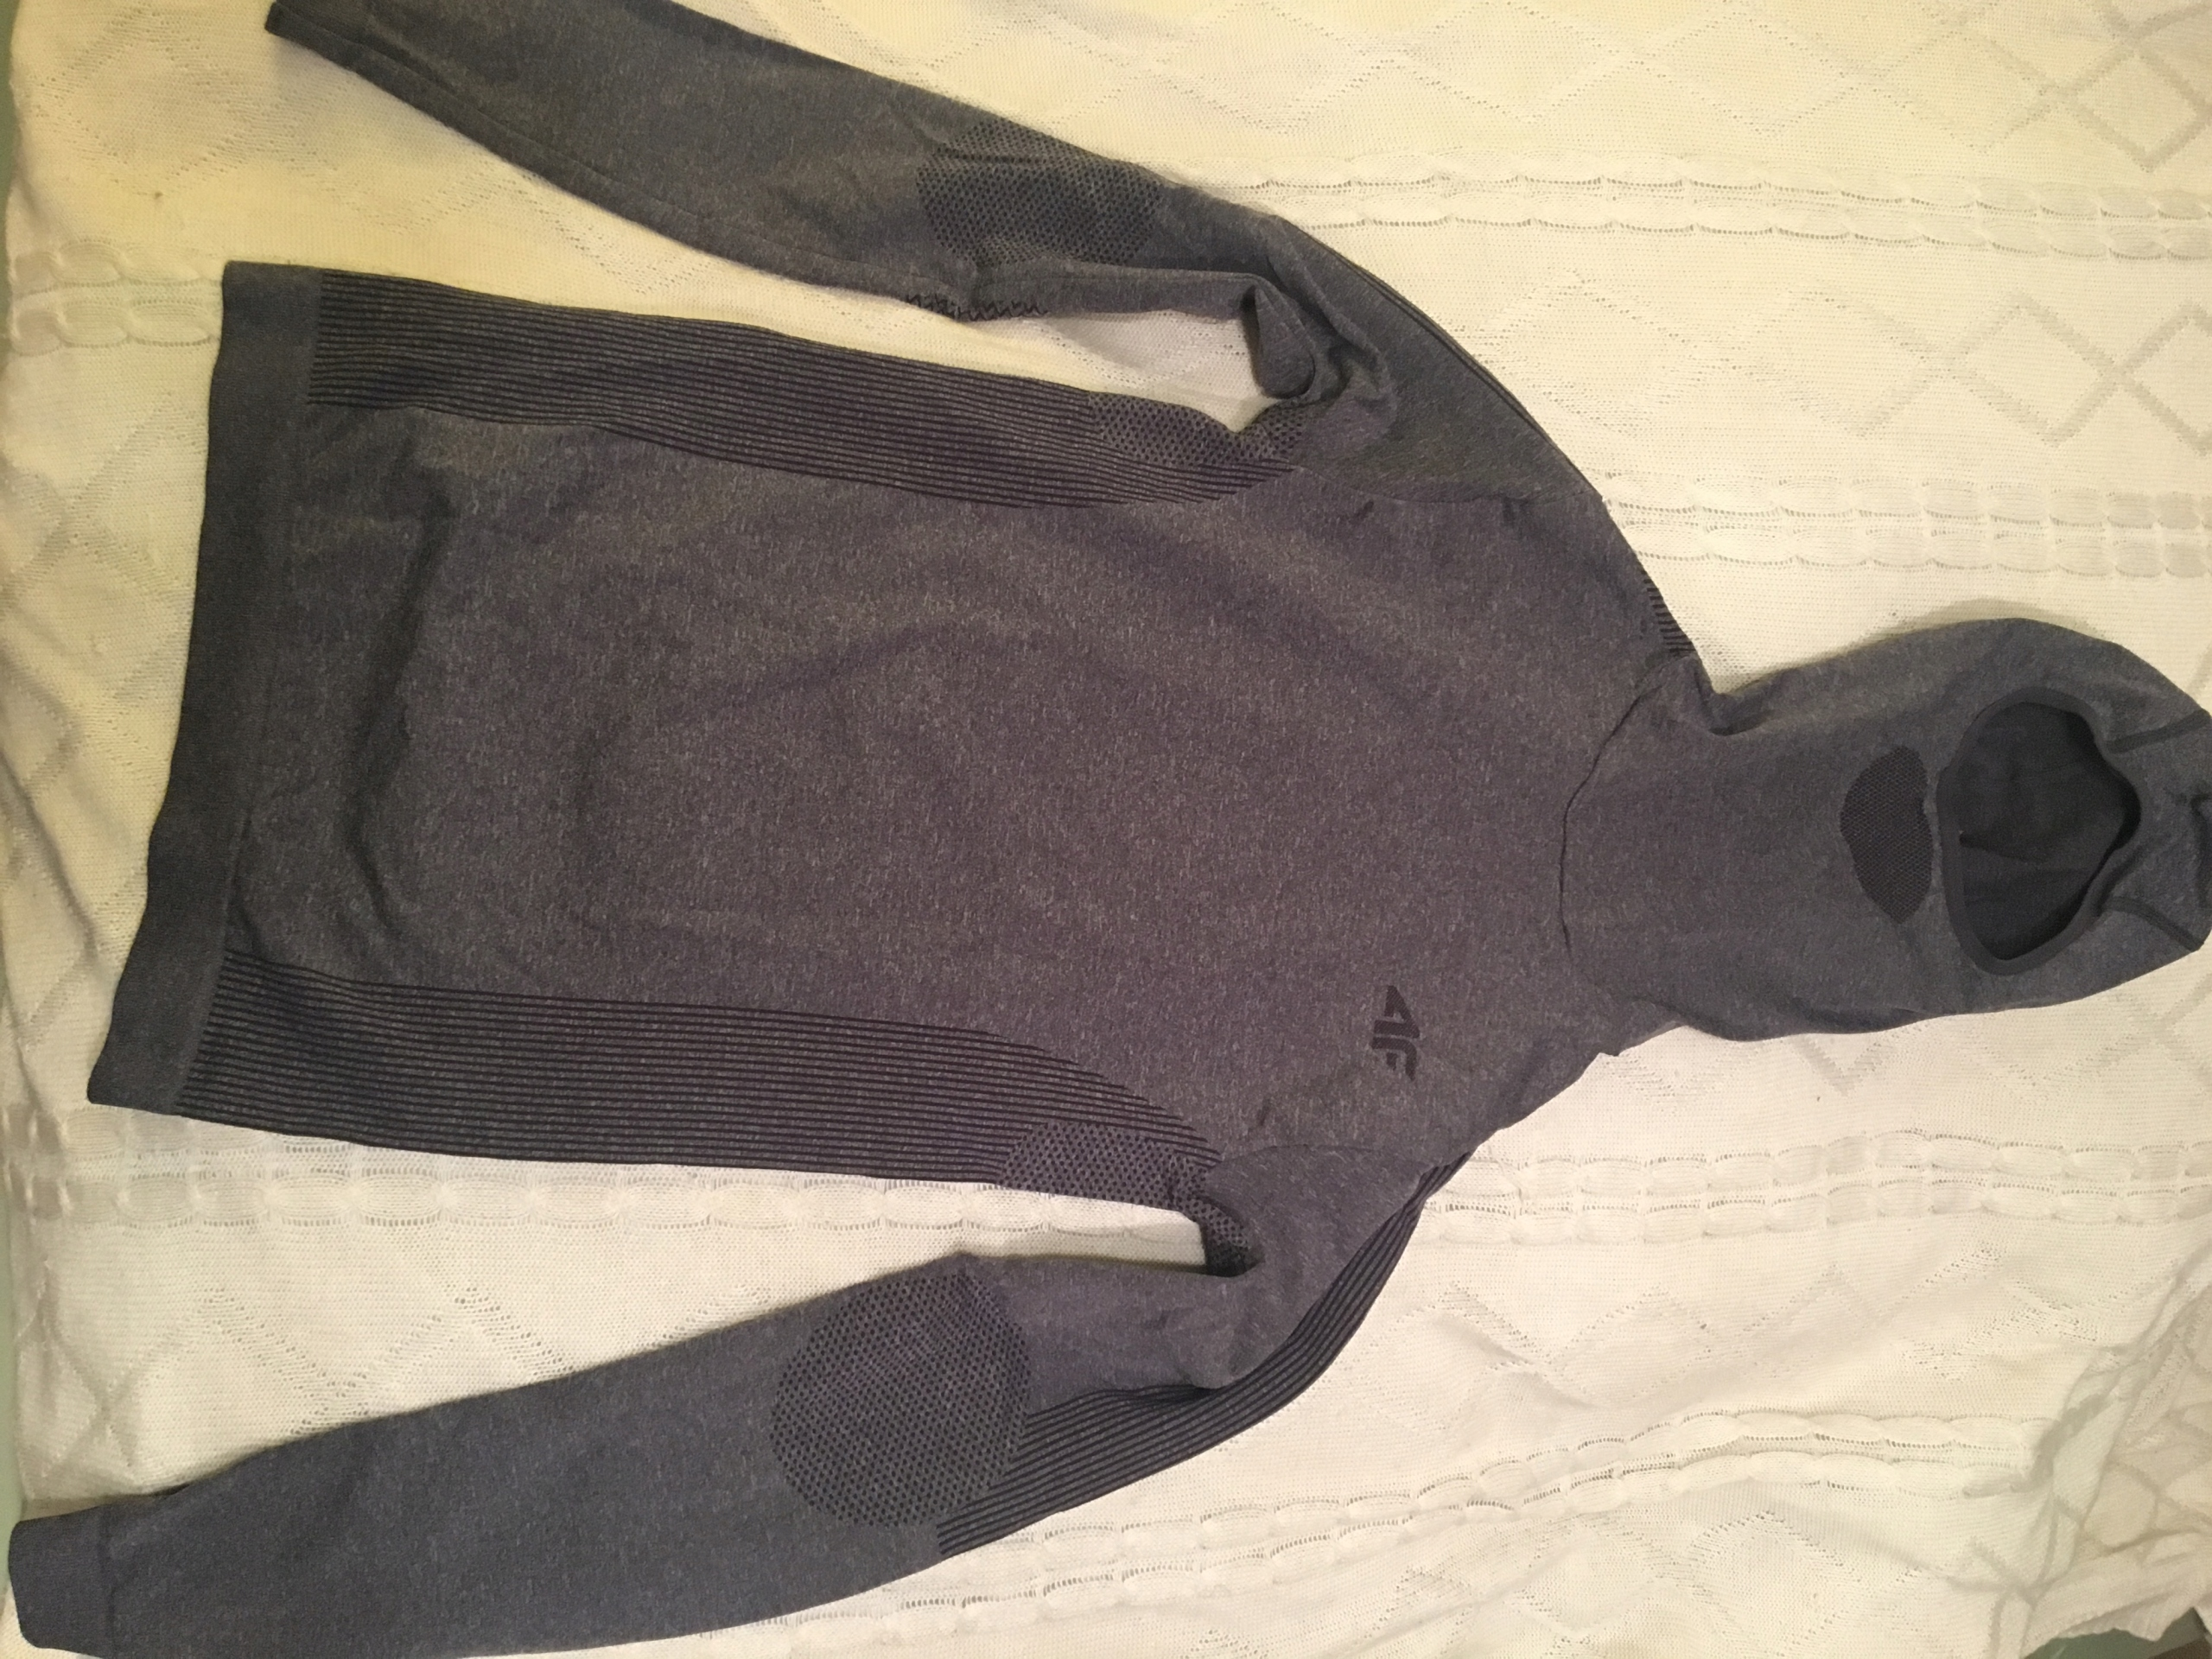 bluza damska termiczna 4f z kominem kapturem s/m